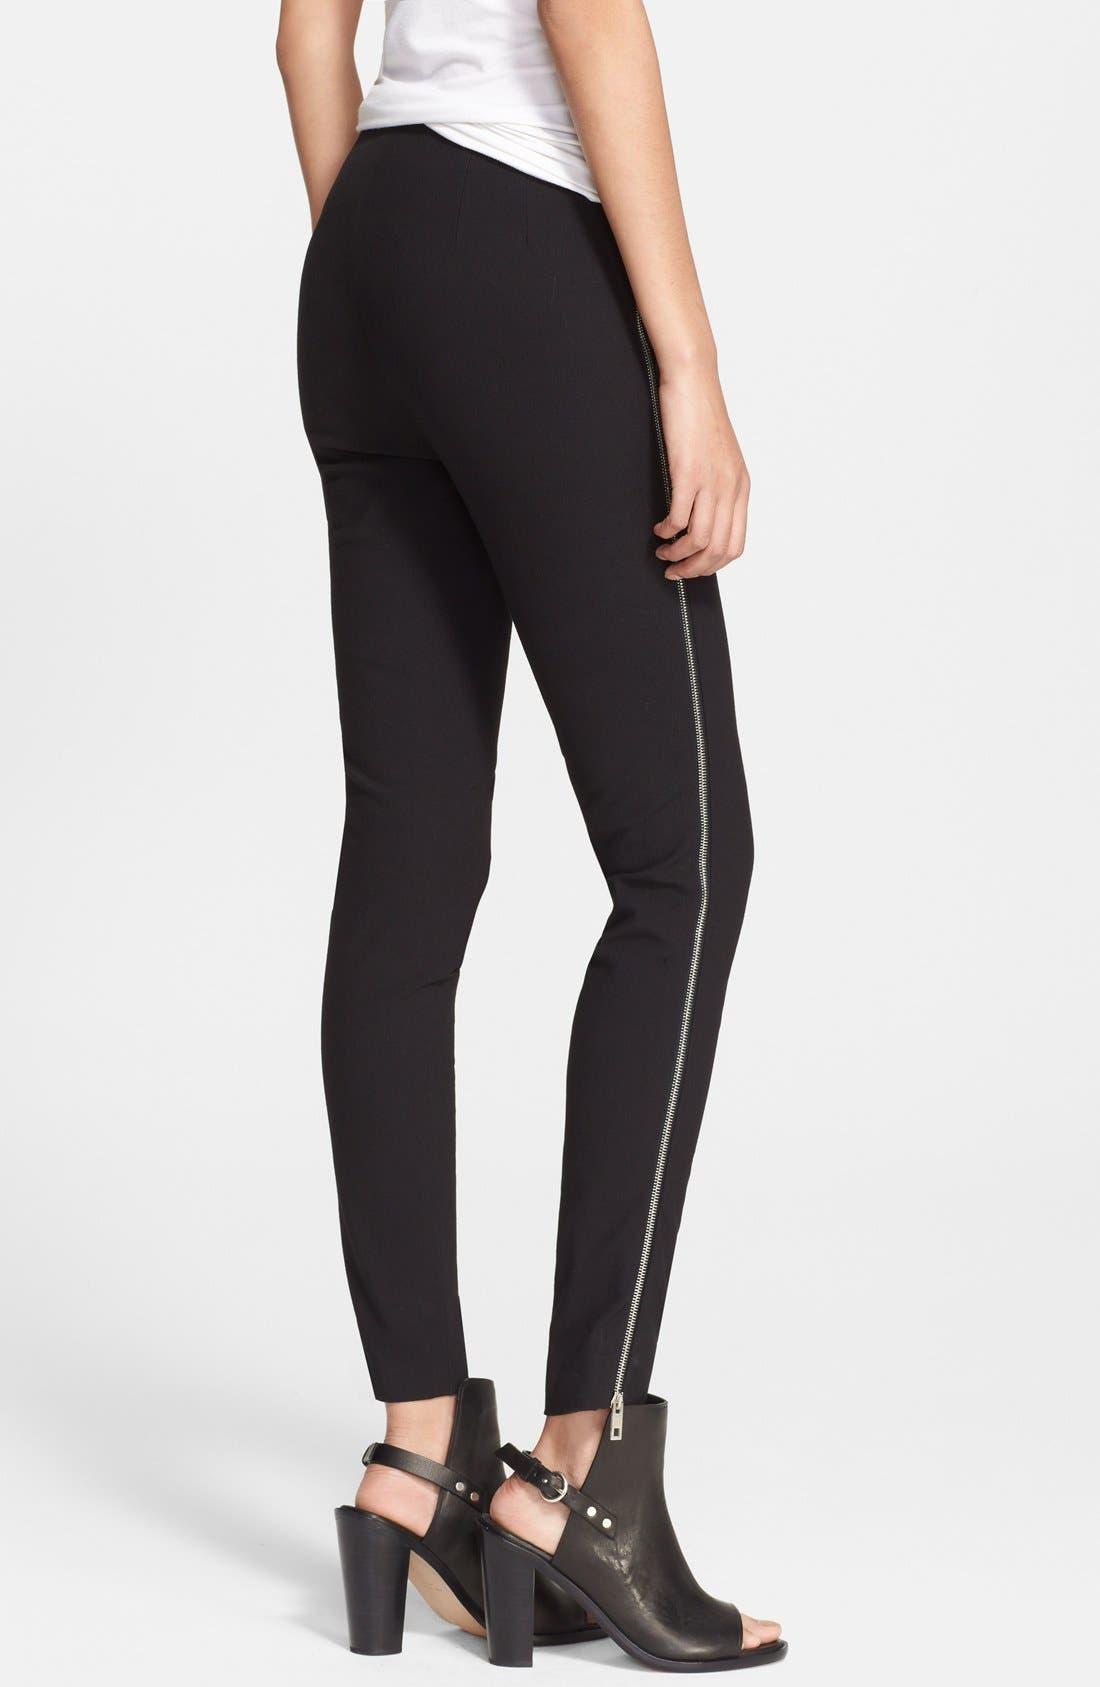 Alternate Image 2  - rag & bone 'Chatel' Side Zip Pants